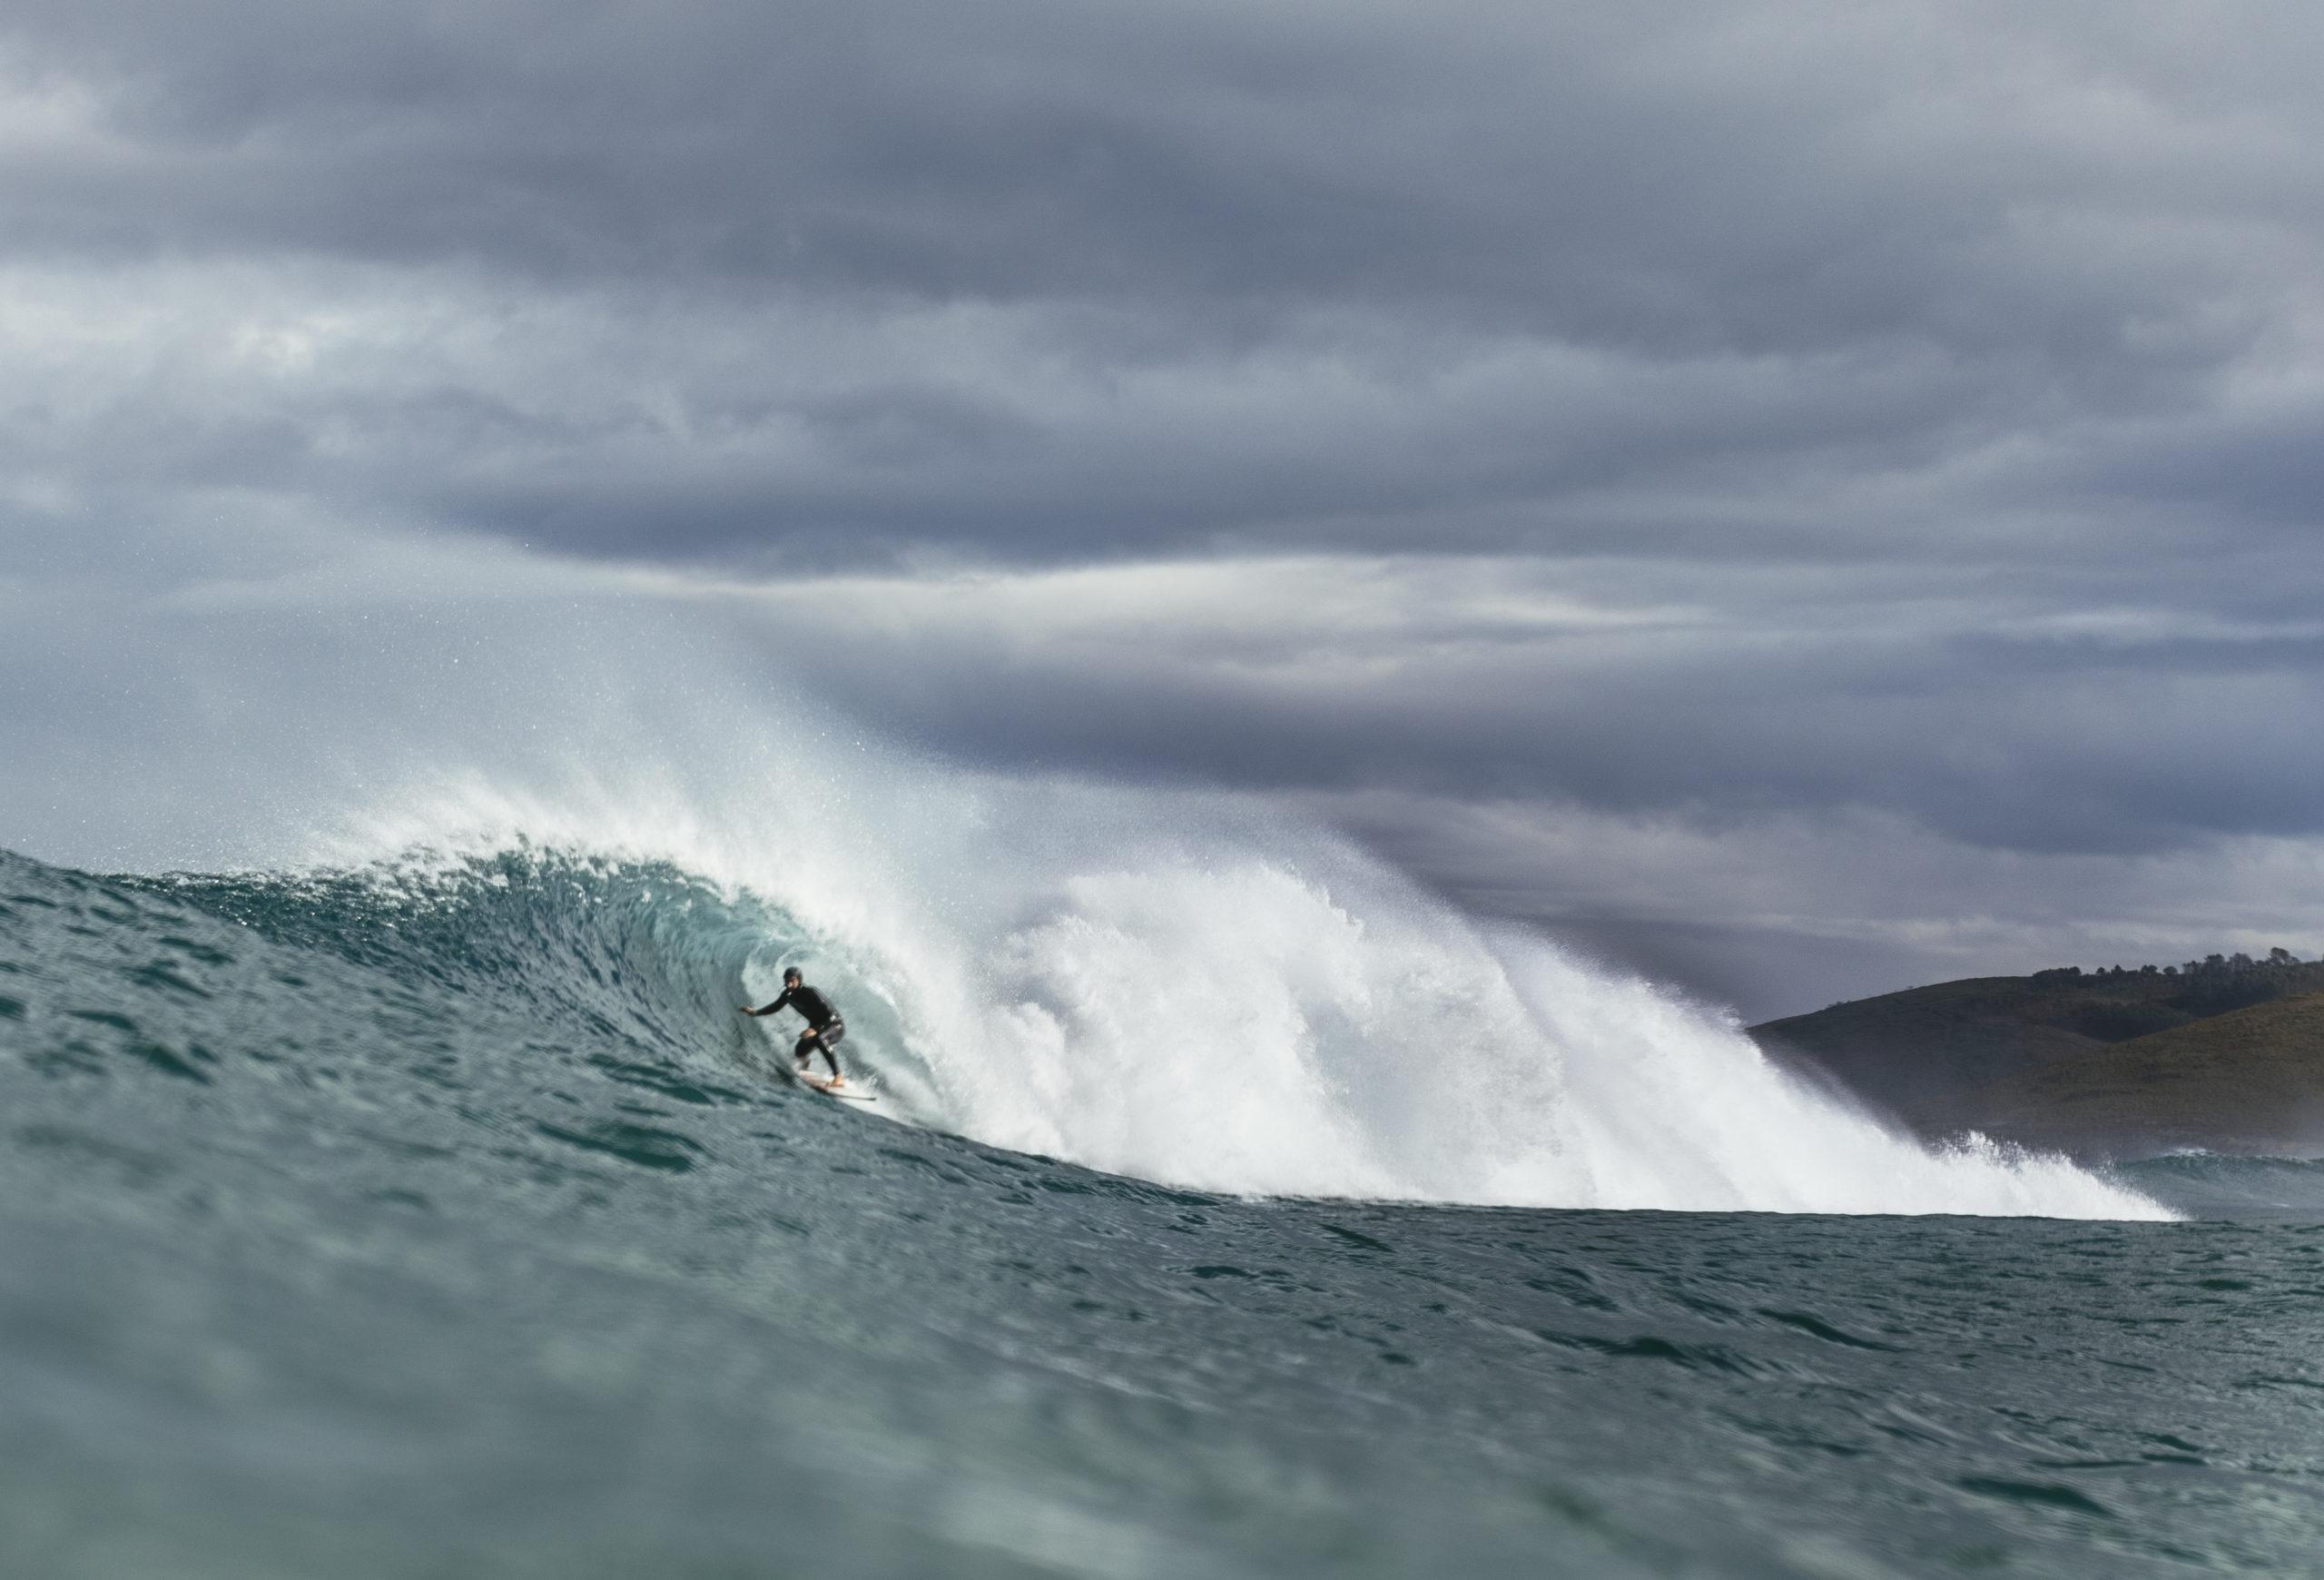 Mejora tu surf desde casa con #RailToRailSurfing